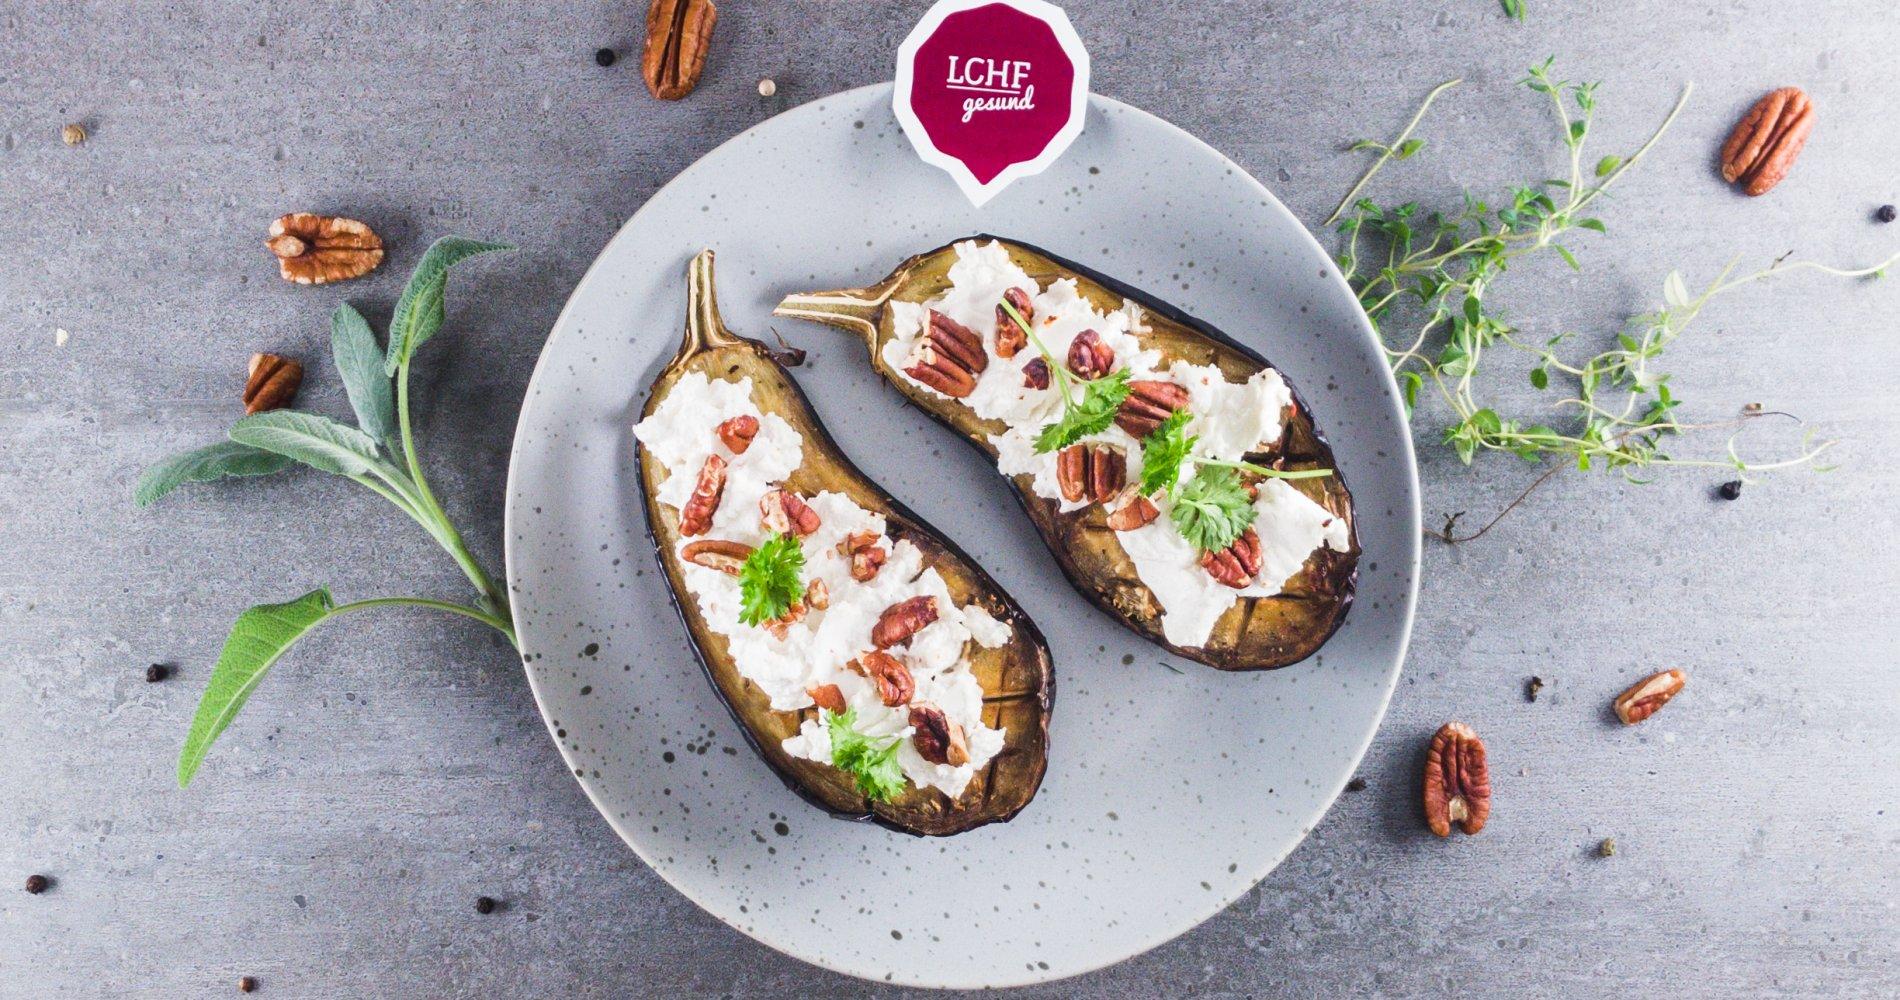 Rezept Low Carb: Gebackene Aubergine mit Ziegenkäse - LCHF-gesund.de